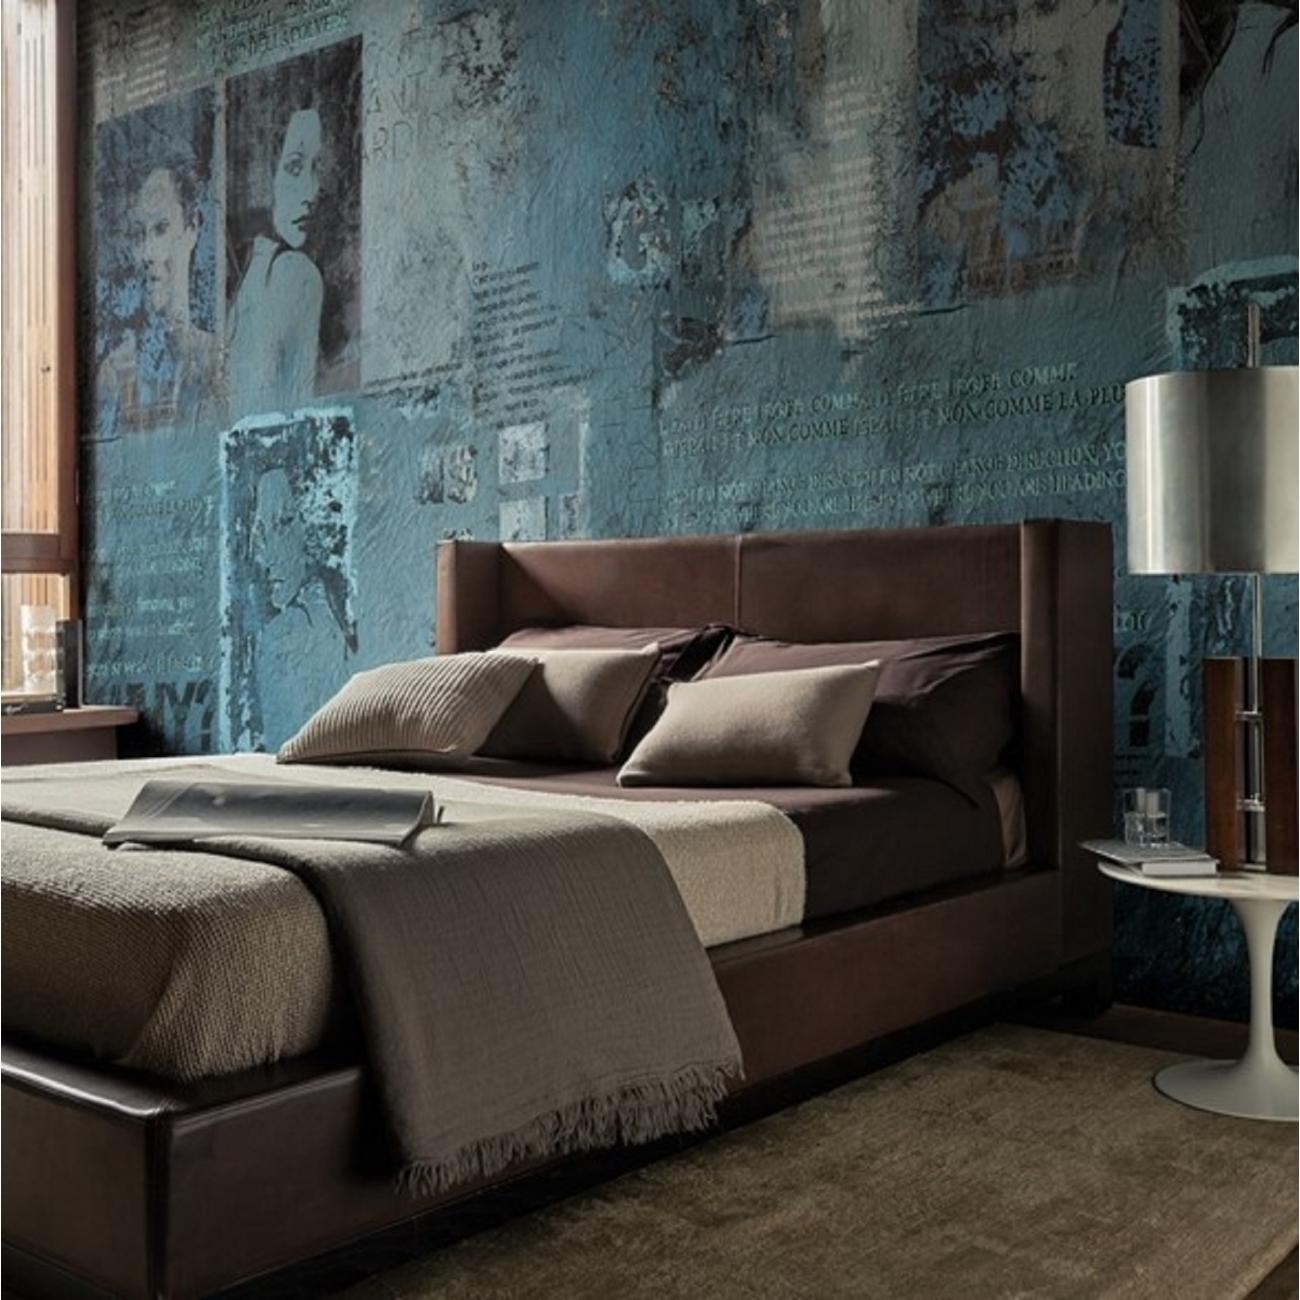 Wall & decò fa parte del gruppo svedese wallvision, produttore e distributore di carte da parati di fascia premium, creando soluzioni per il rivestimento murale. Wall Deco Paparazzi Wallpaper Tattahome